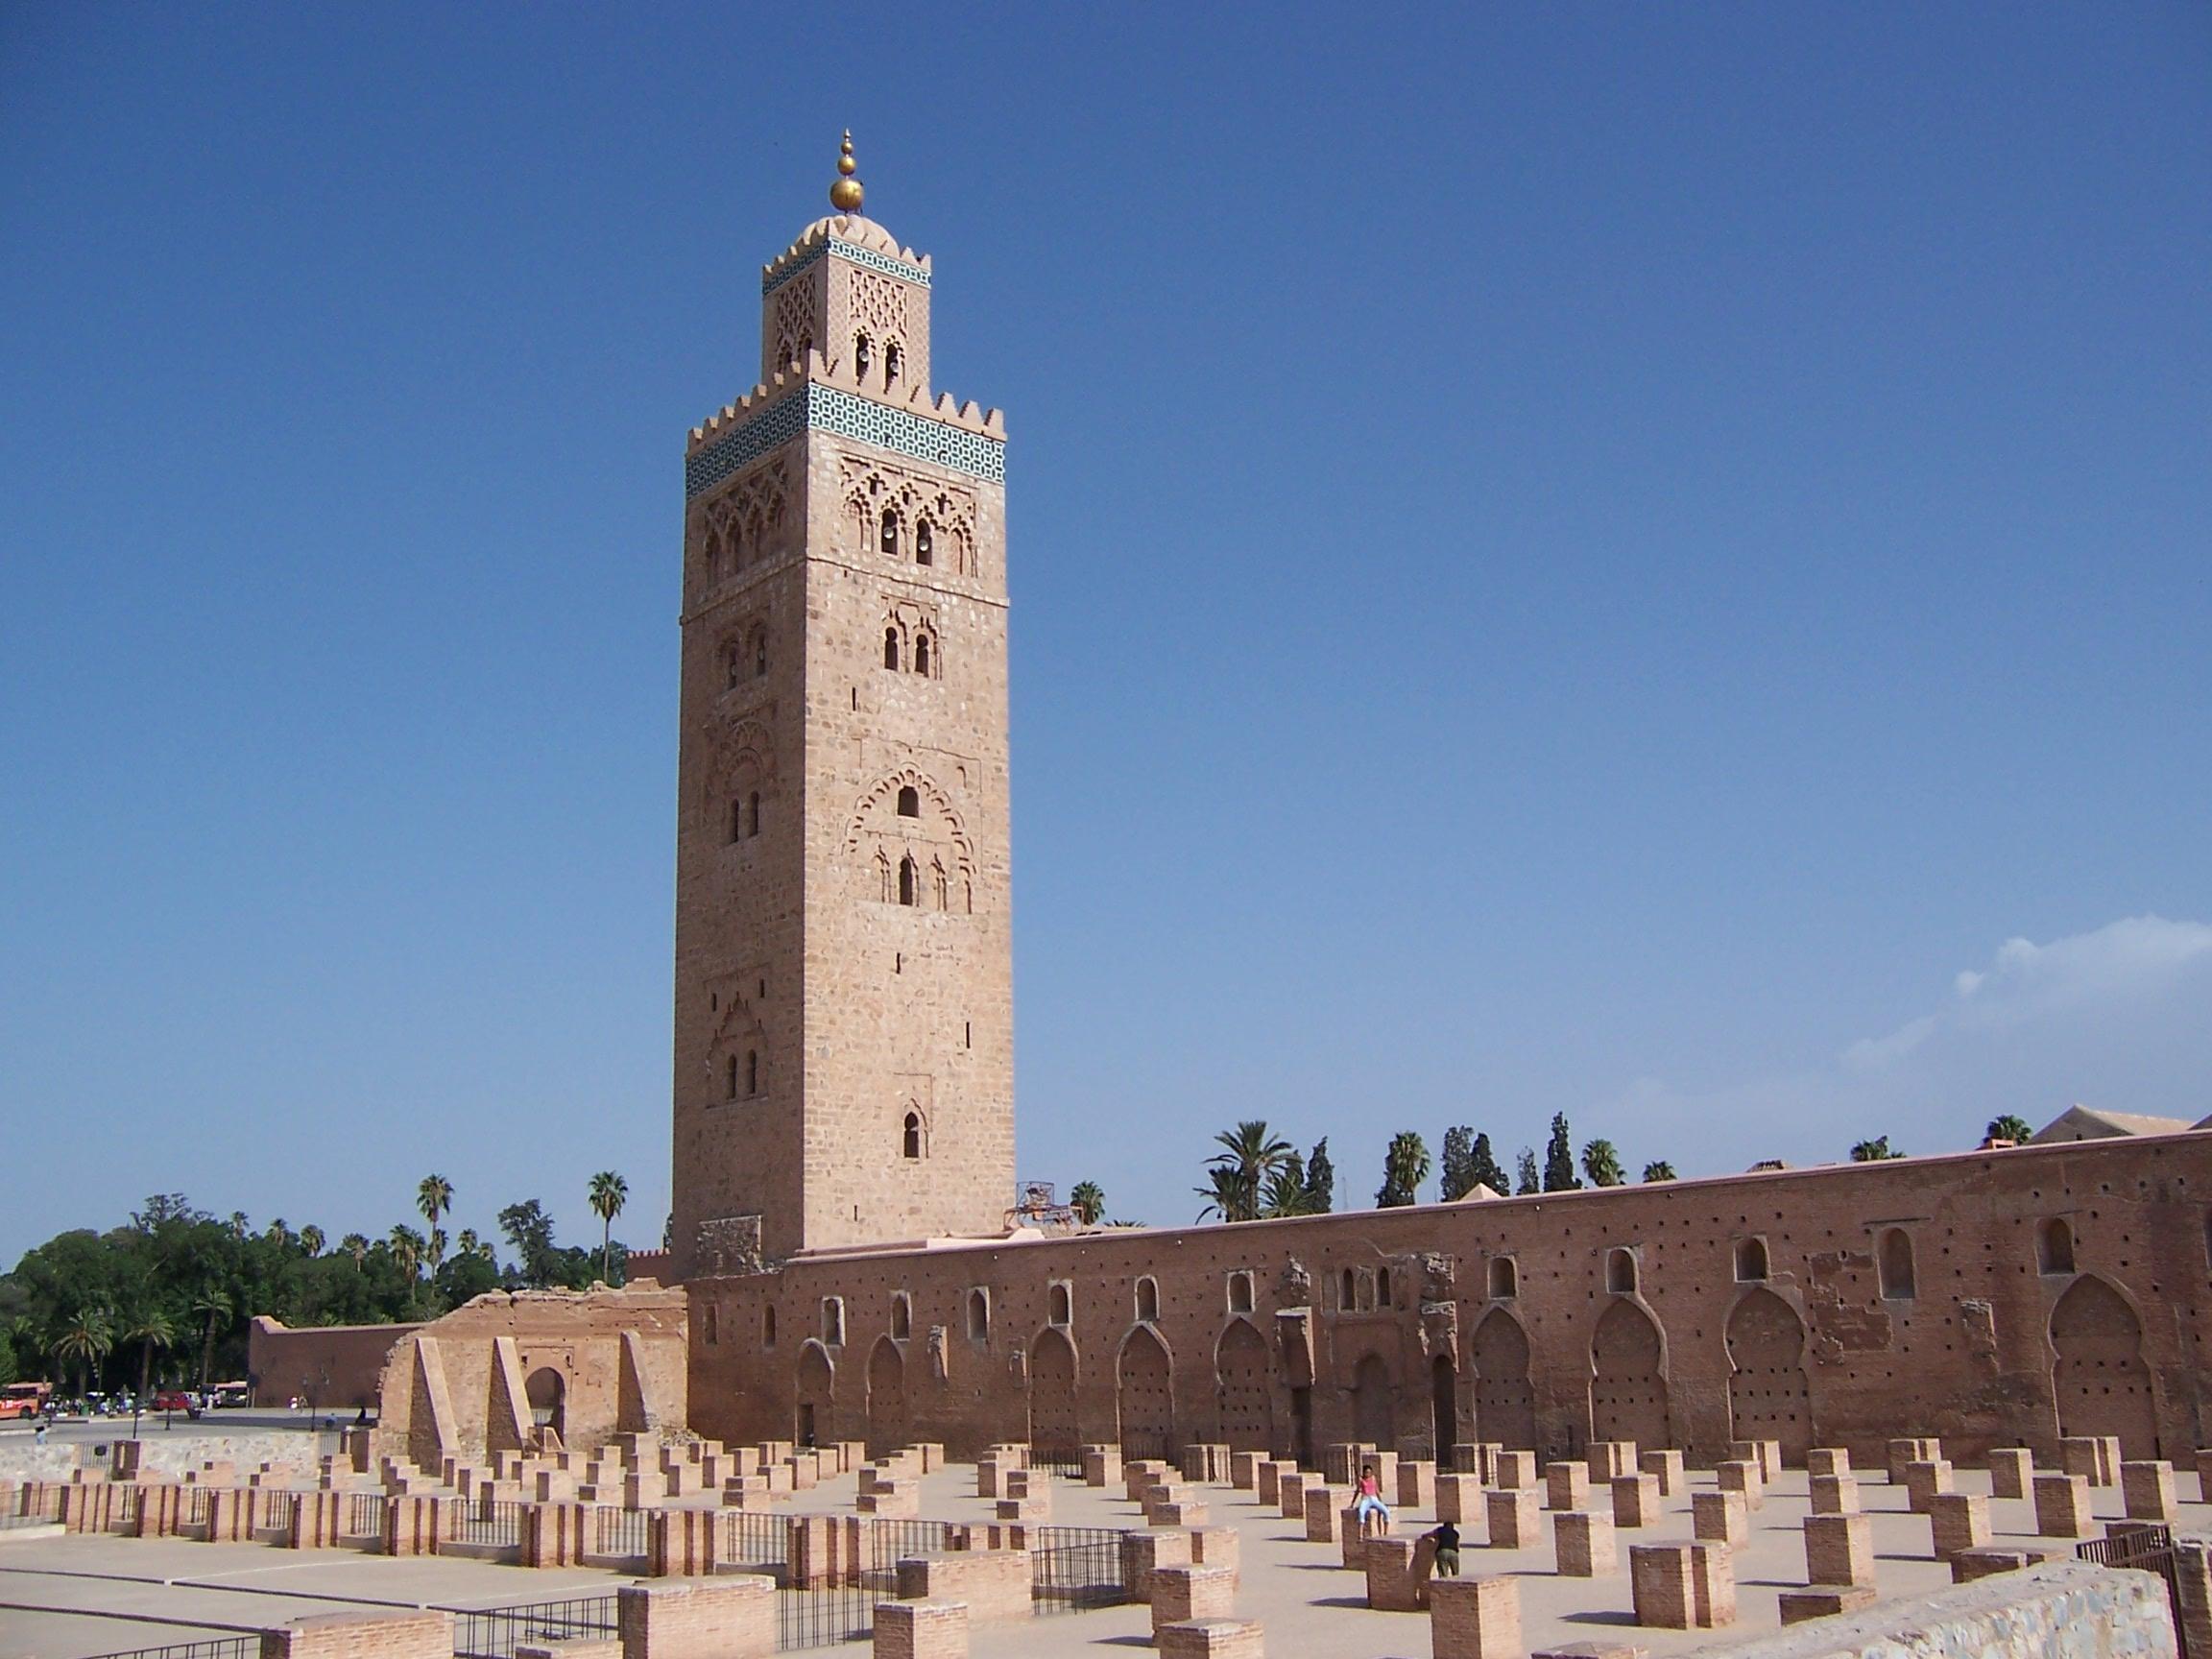 """Résultat de recherche d'images pour """"monument marrakech"""""""